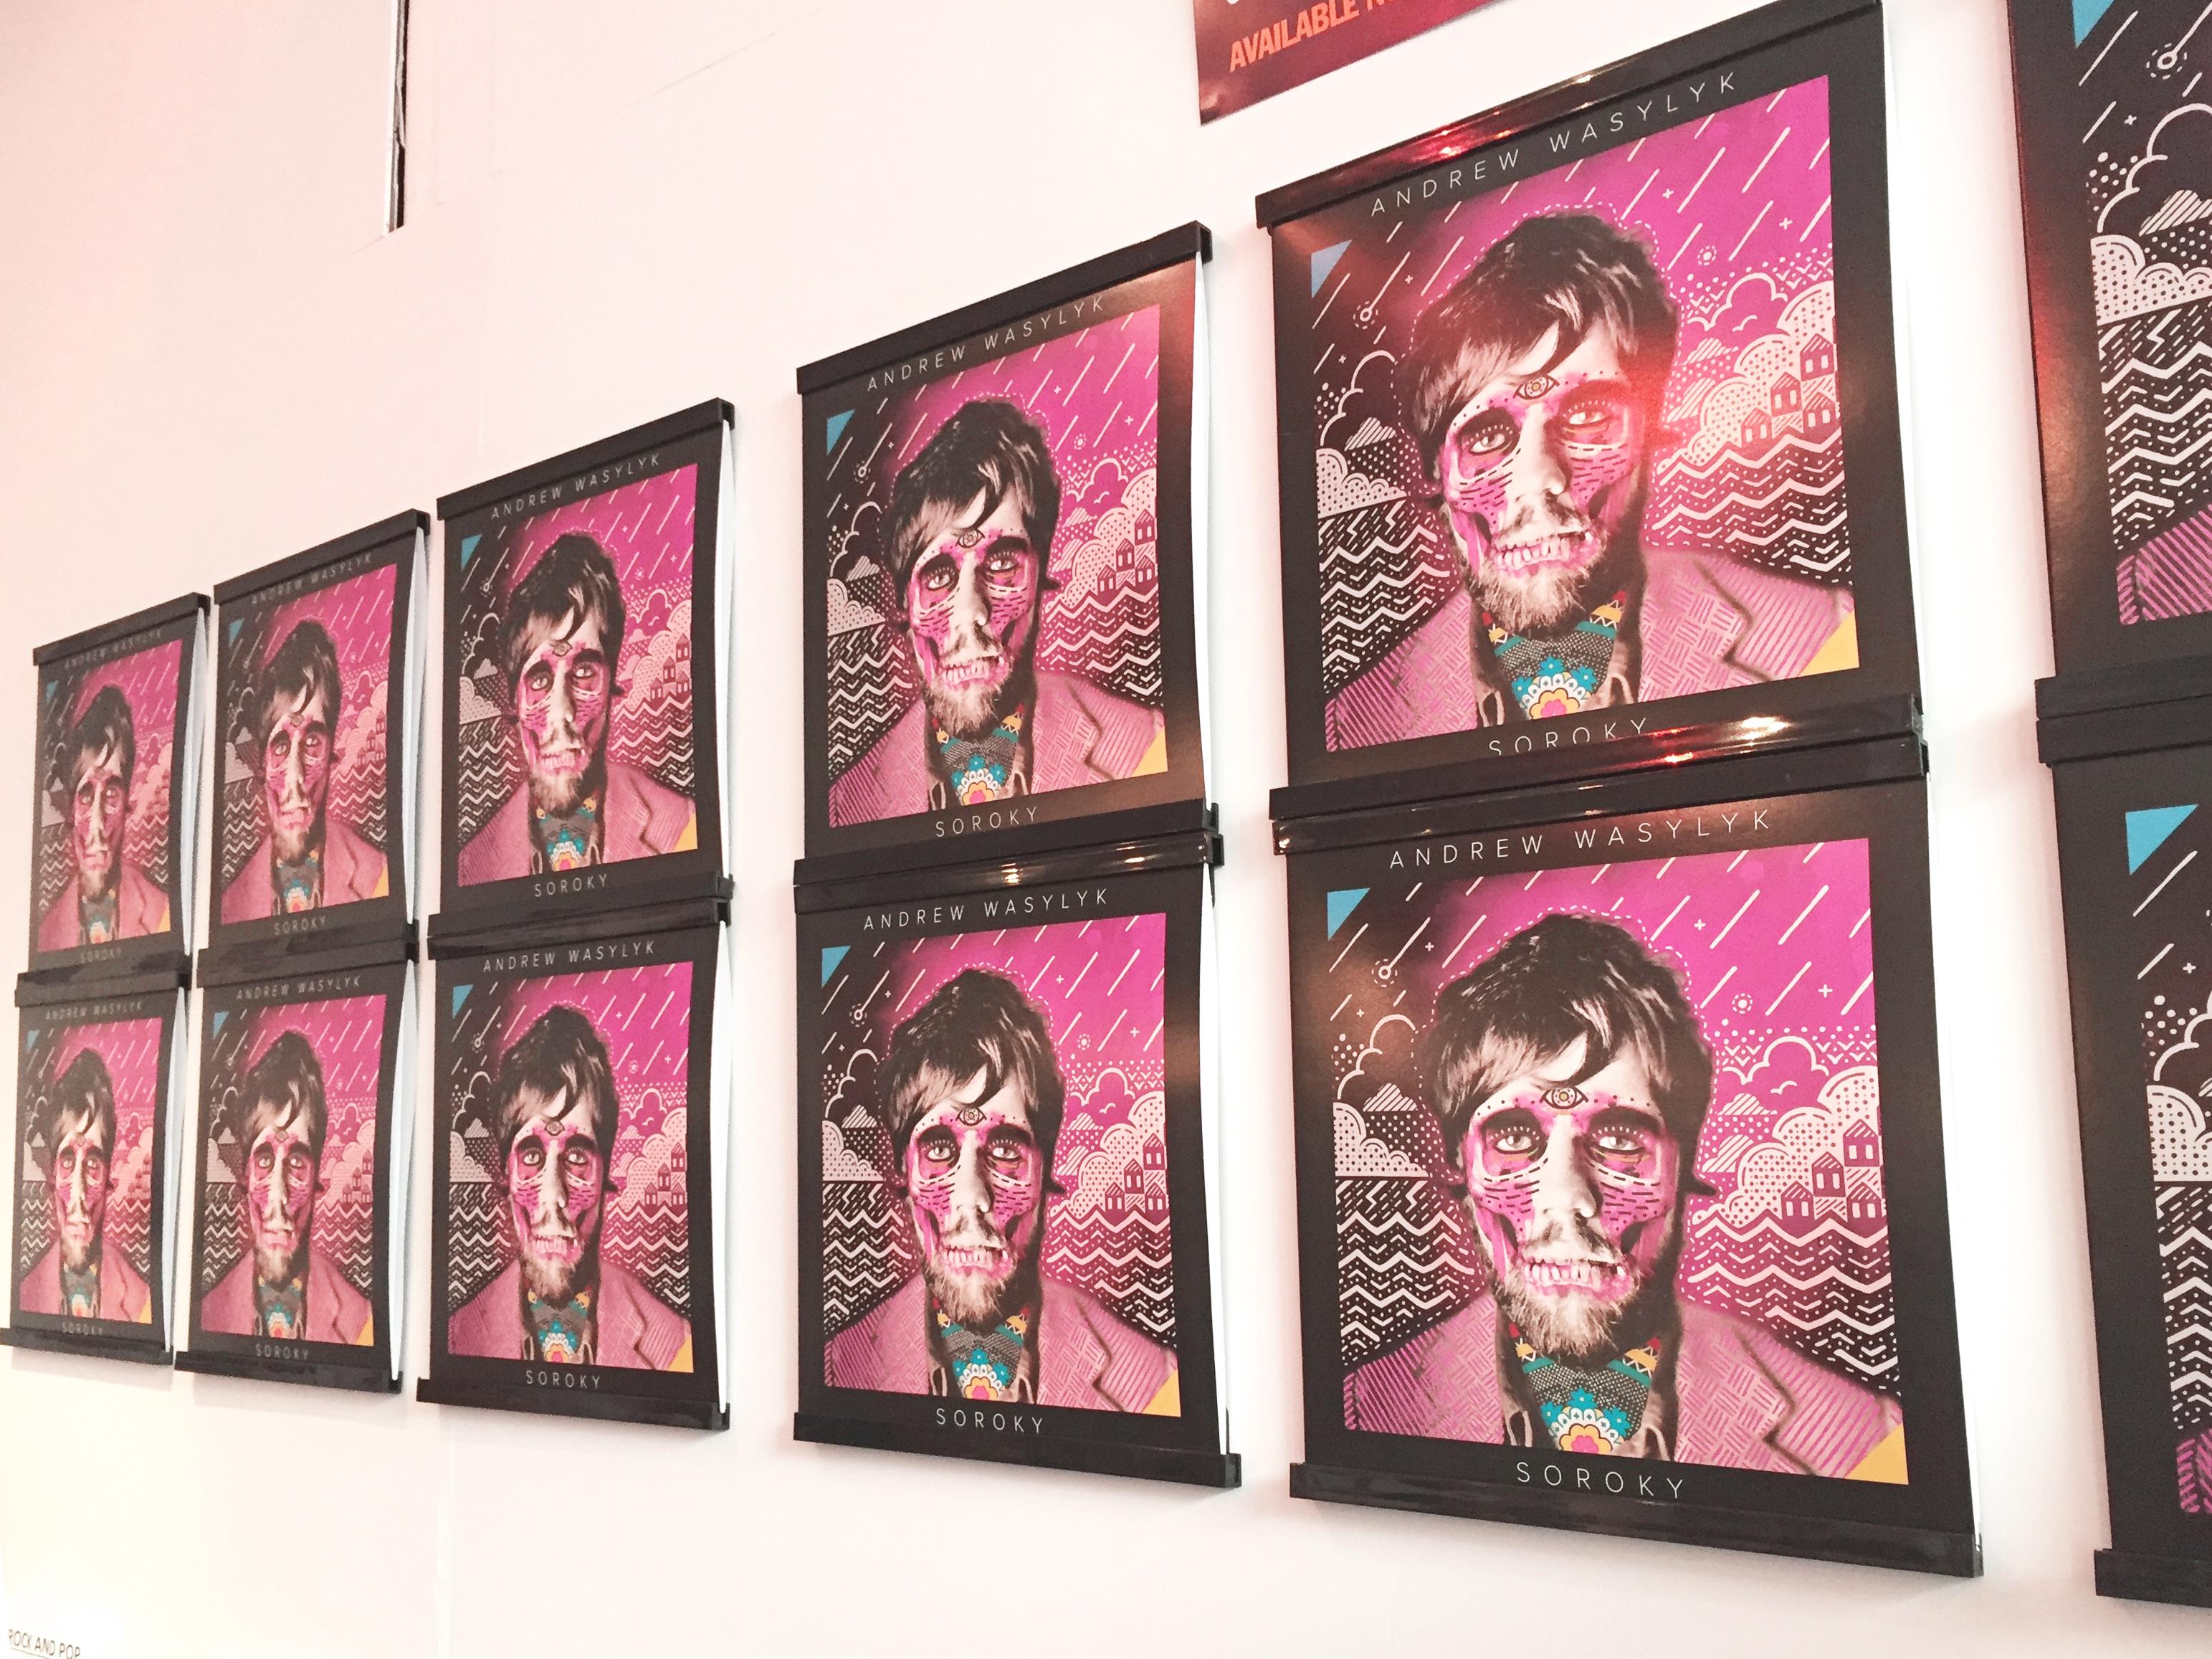 Soroky Albums on display in-store